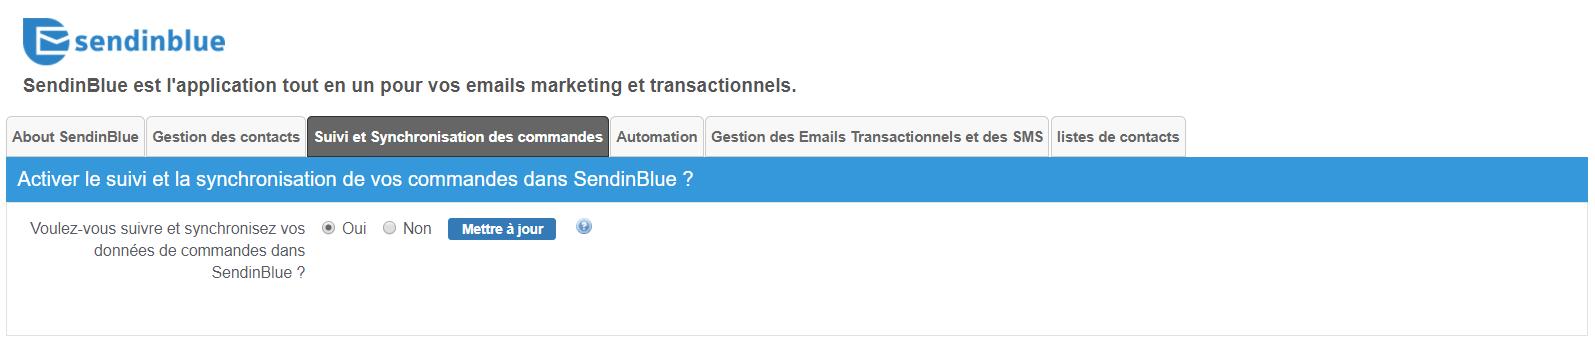 Module Prestashop de newsletters Sendinblue : activation du tracking des commandes.